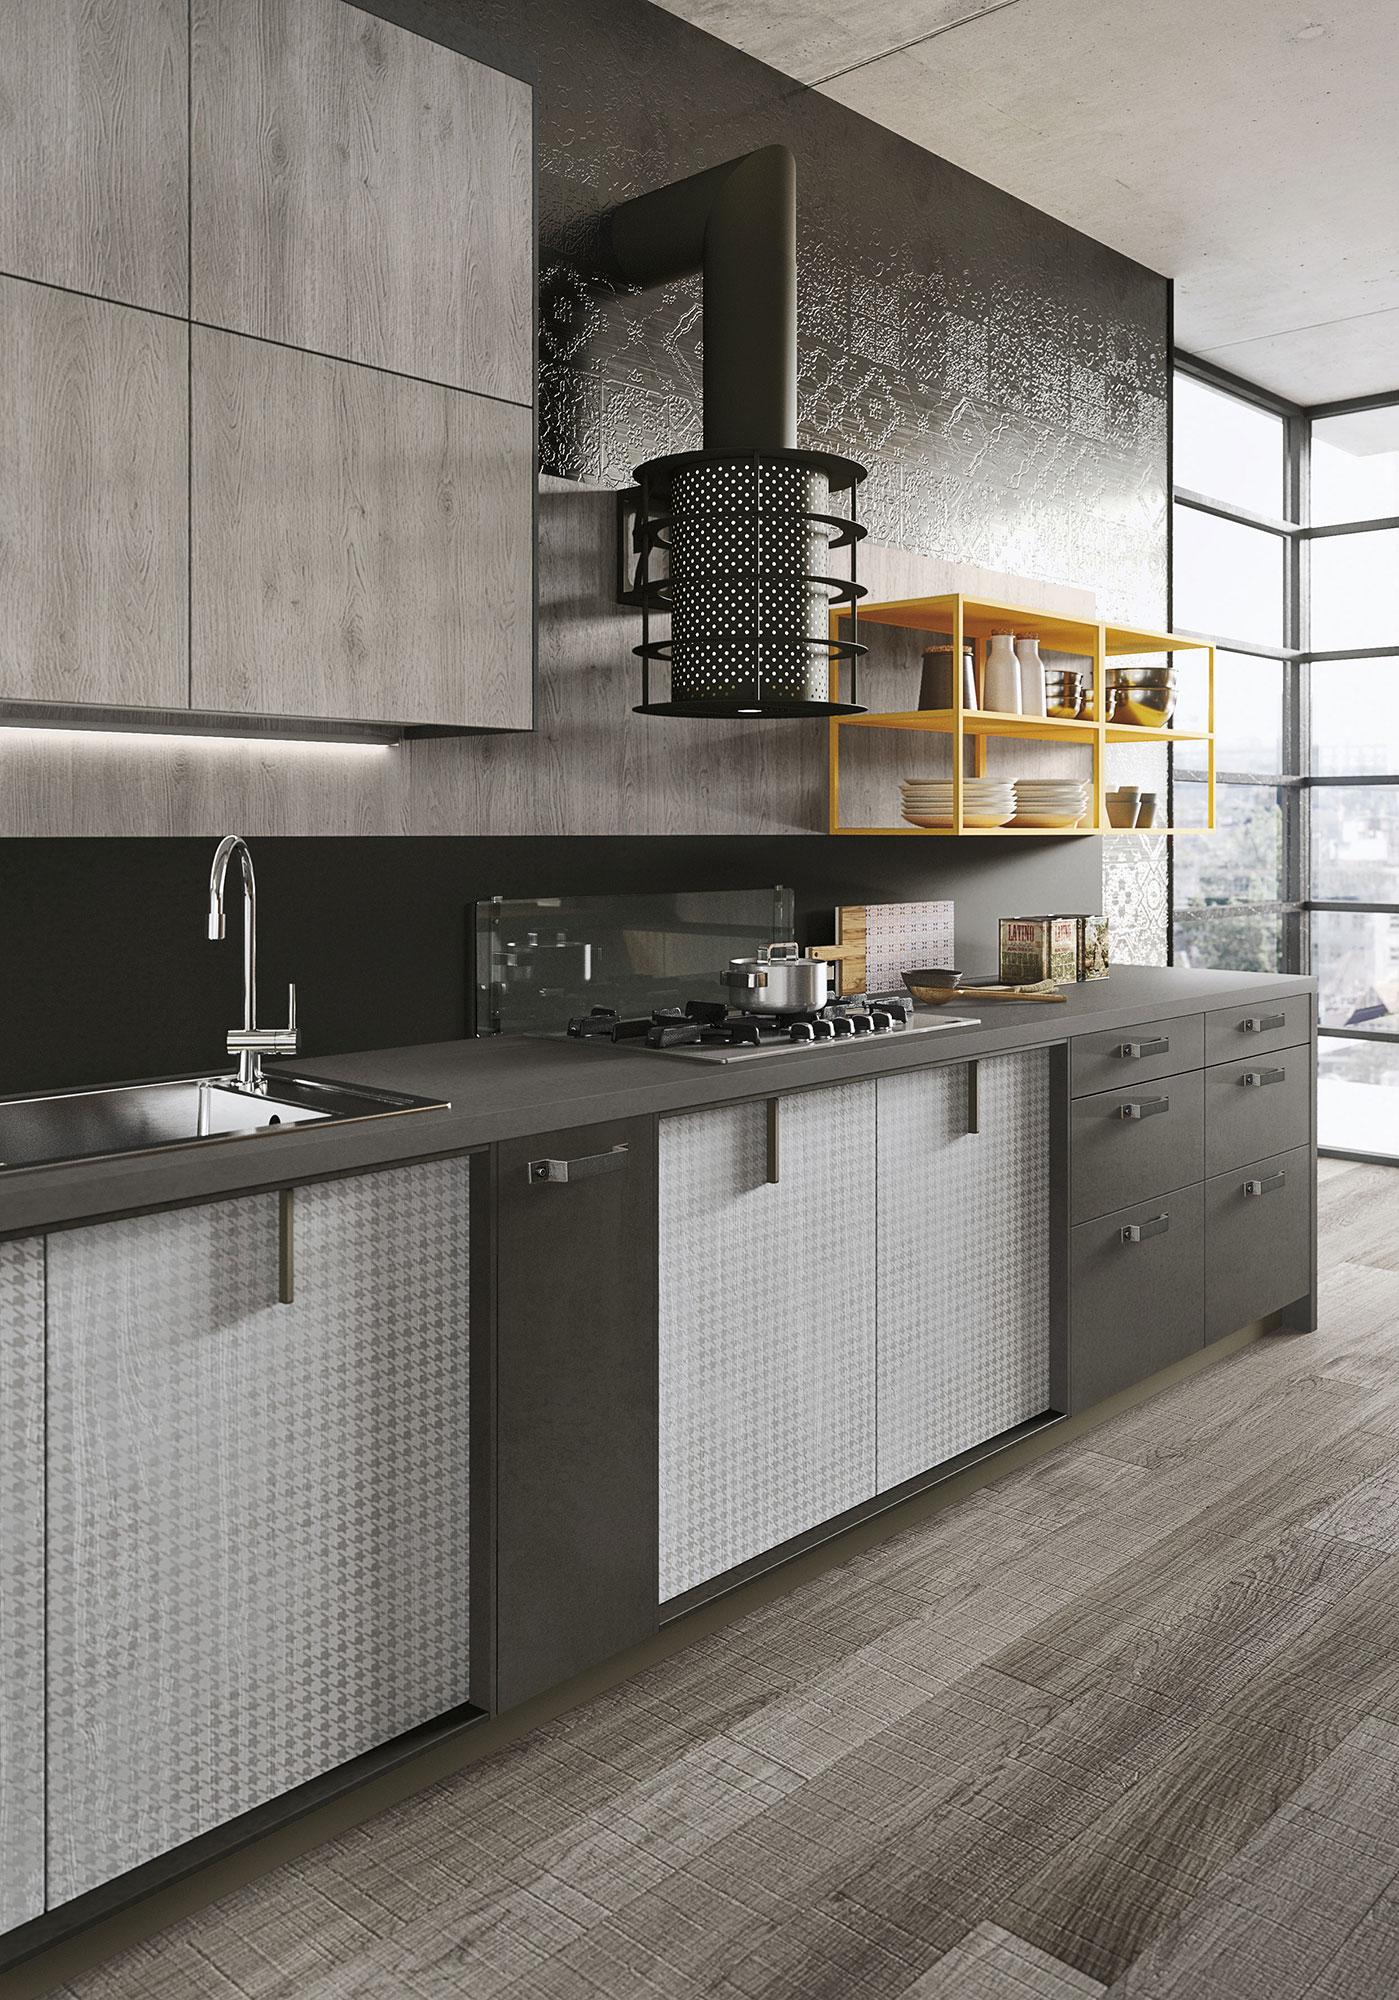 cucine-in-legno-design-loft-snaidero-3